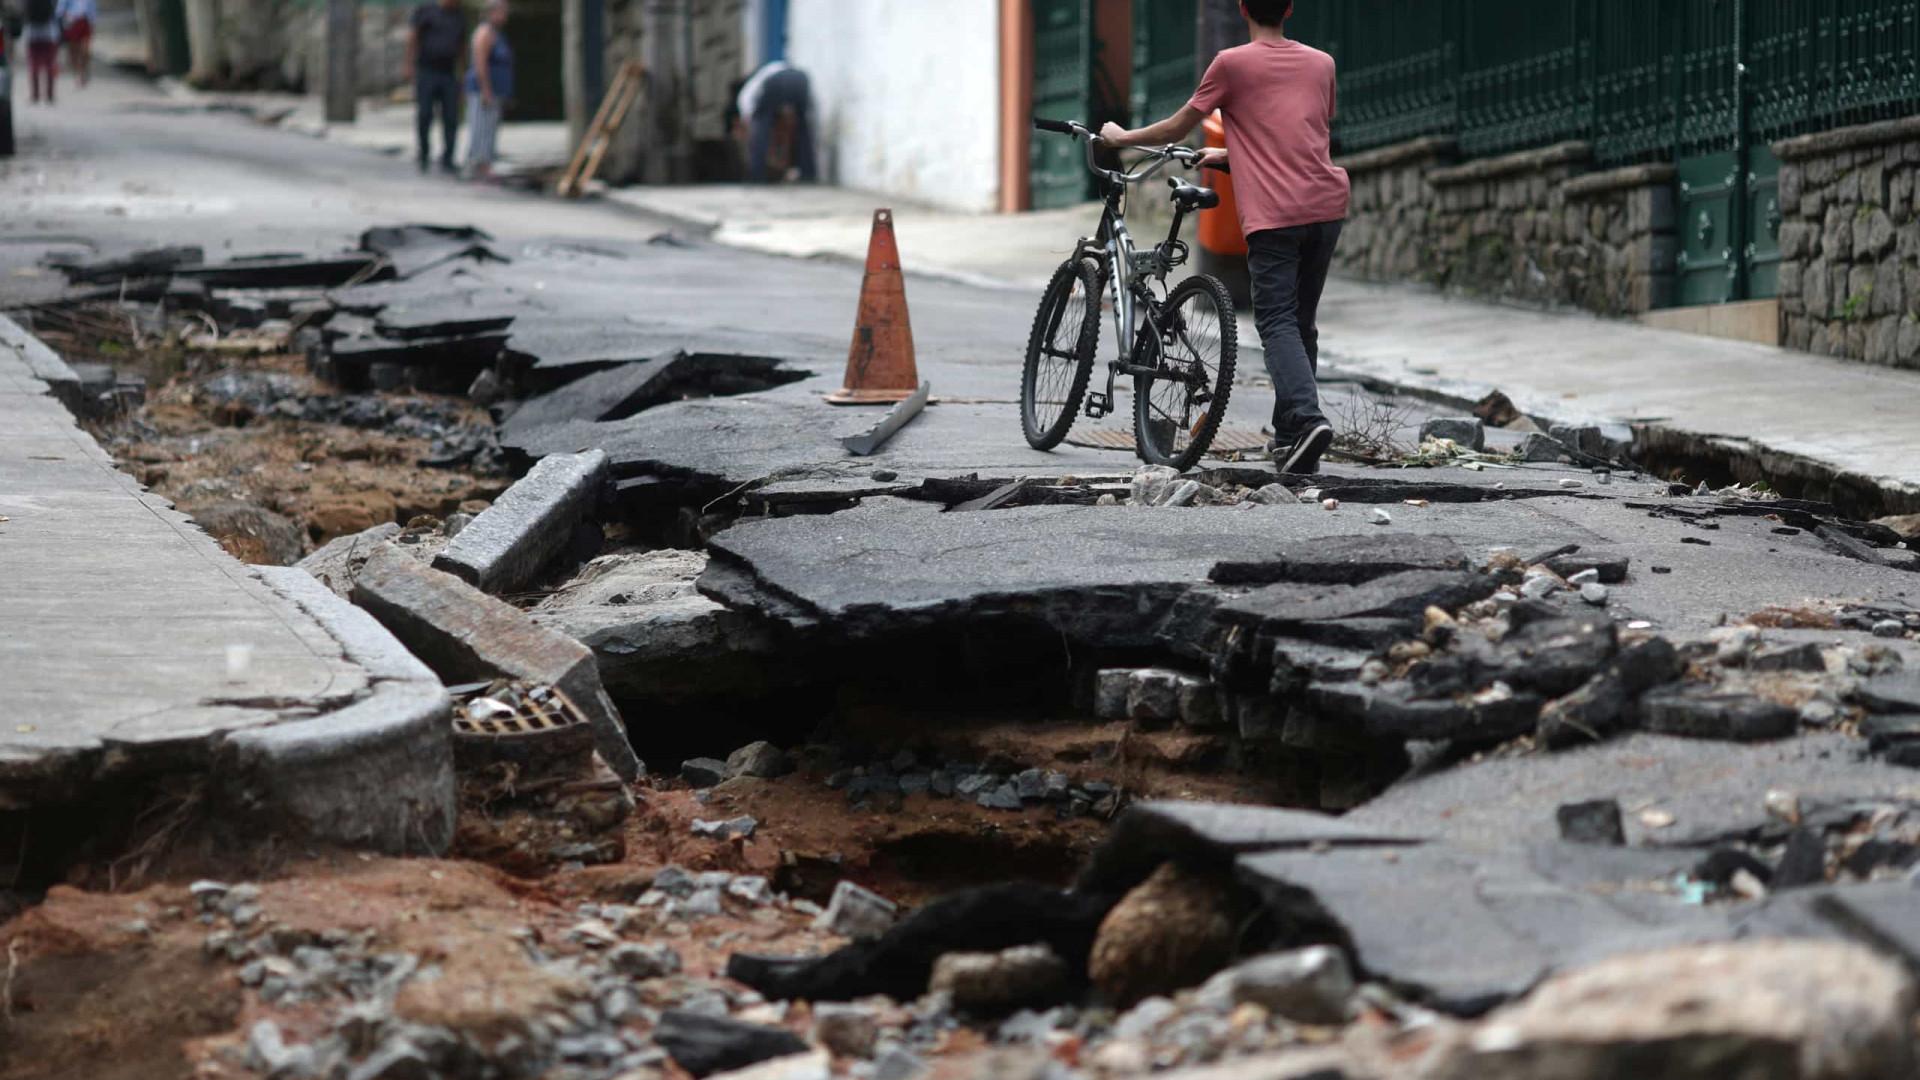 Lojistas calculam prejuízo de R$ 40 milhões com chuvas no Rio